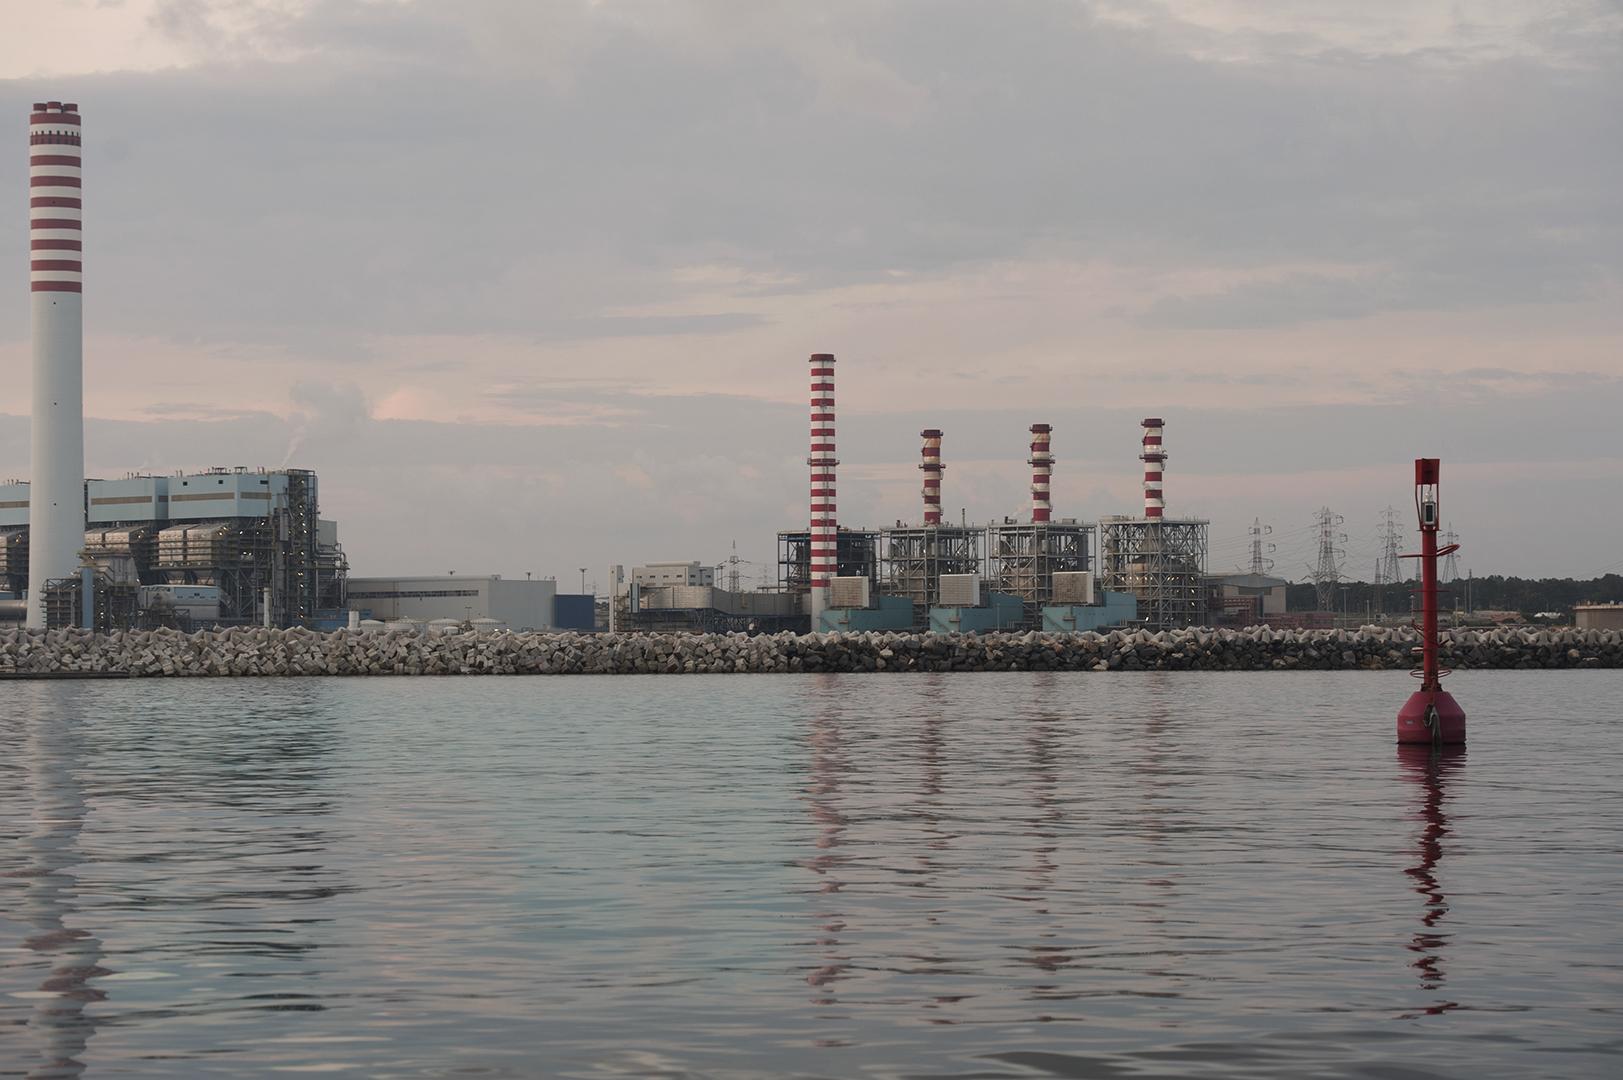 La carbonifera Torrevaldaliga Nord dell'Enel si affaccia sul porto di Civitavecchia. E' considerata una delle centrali a carbone più inquinanti d'Europa. Civitavecchia, 2014. (Patrizia Pace)